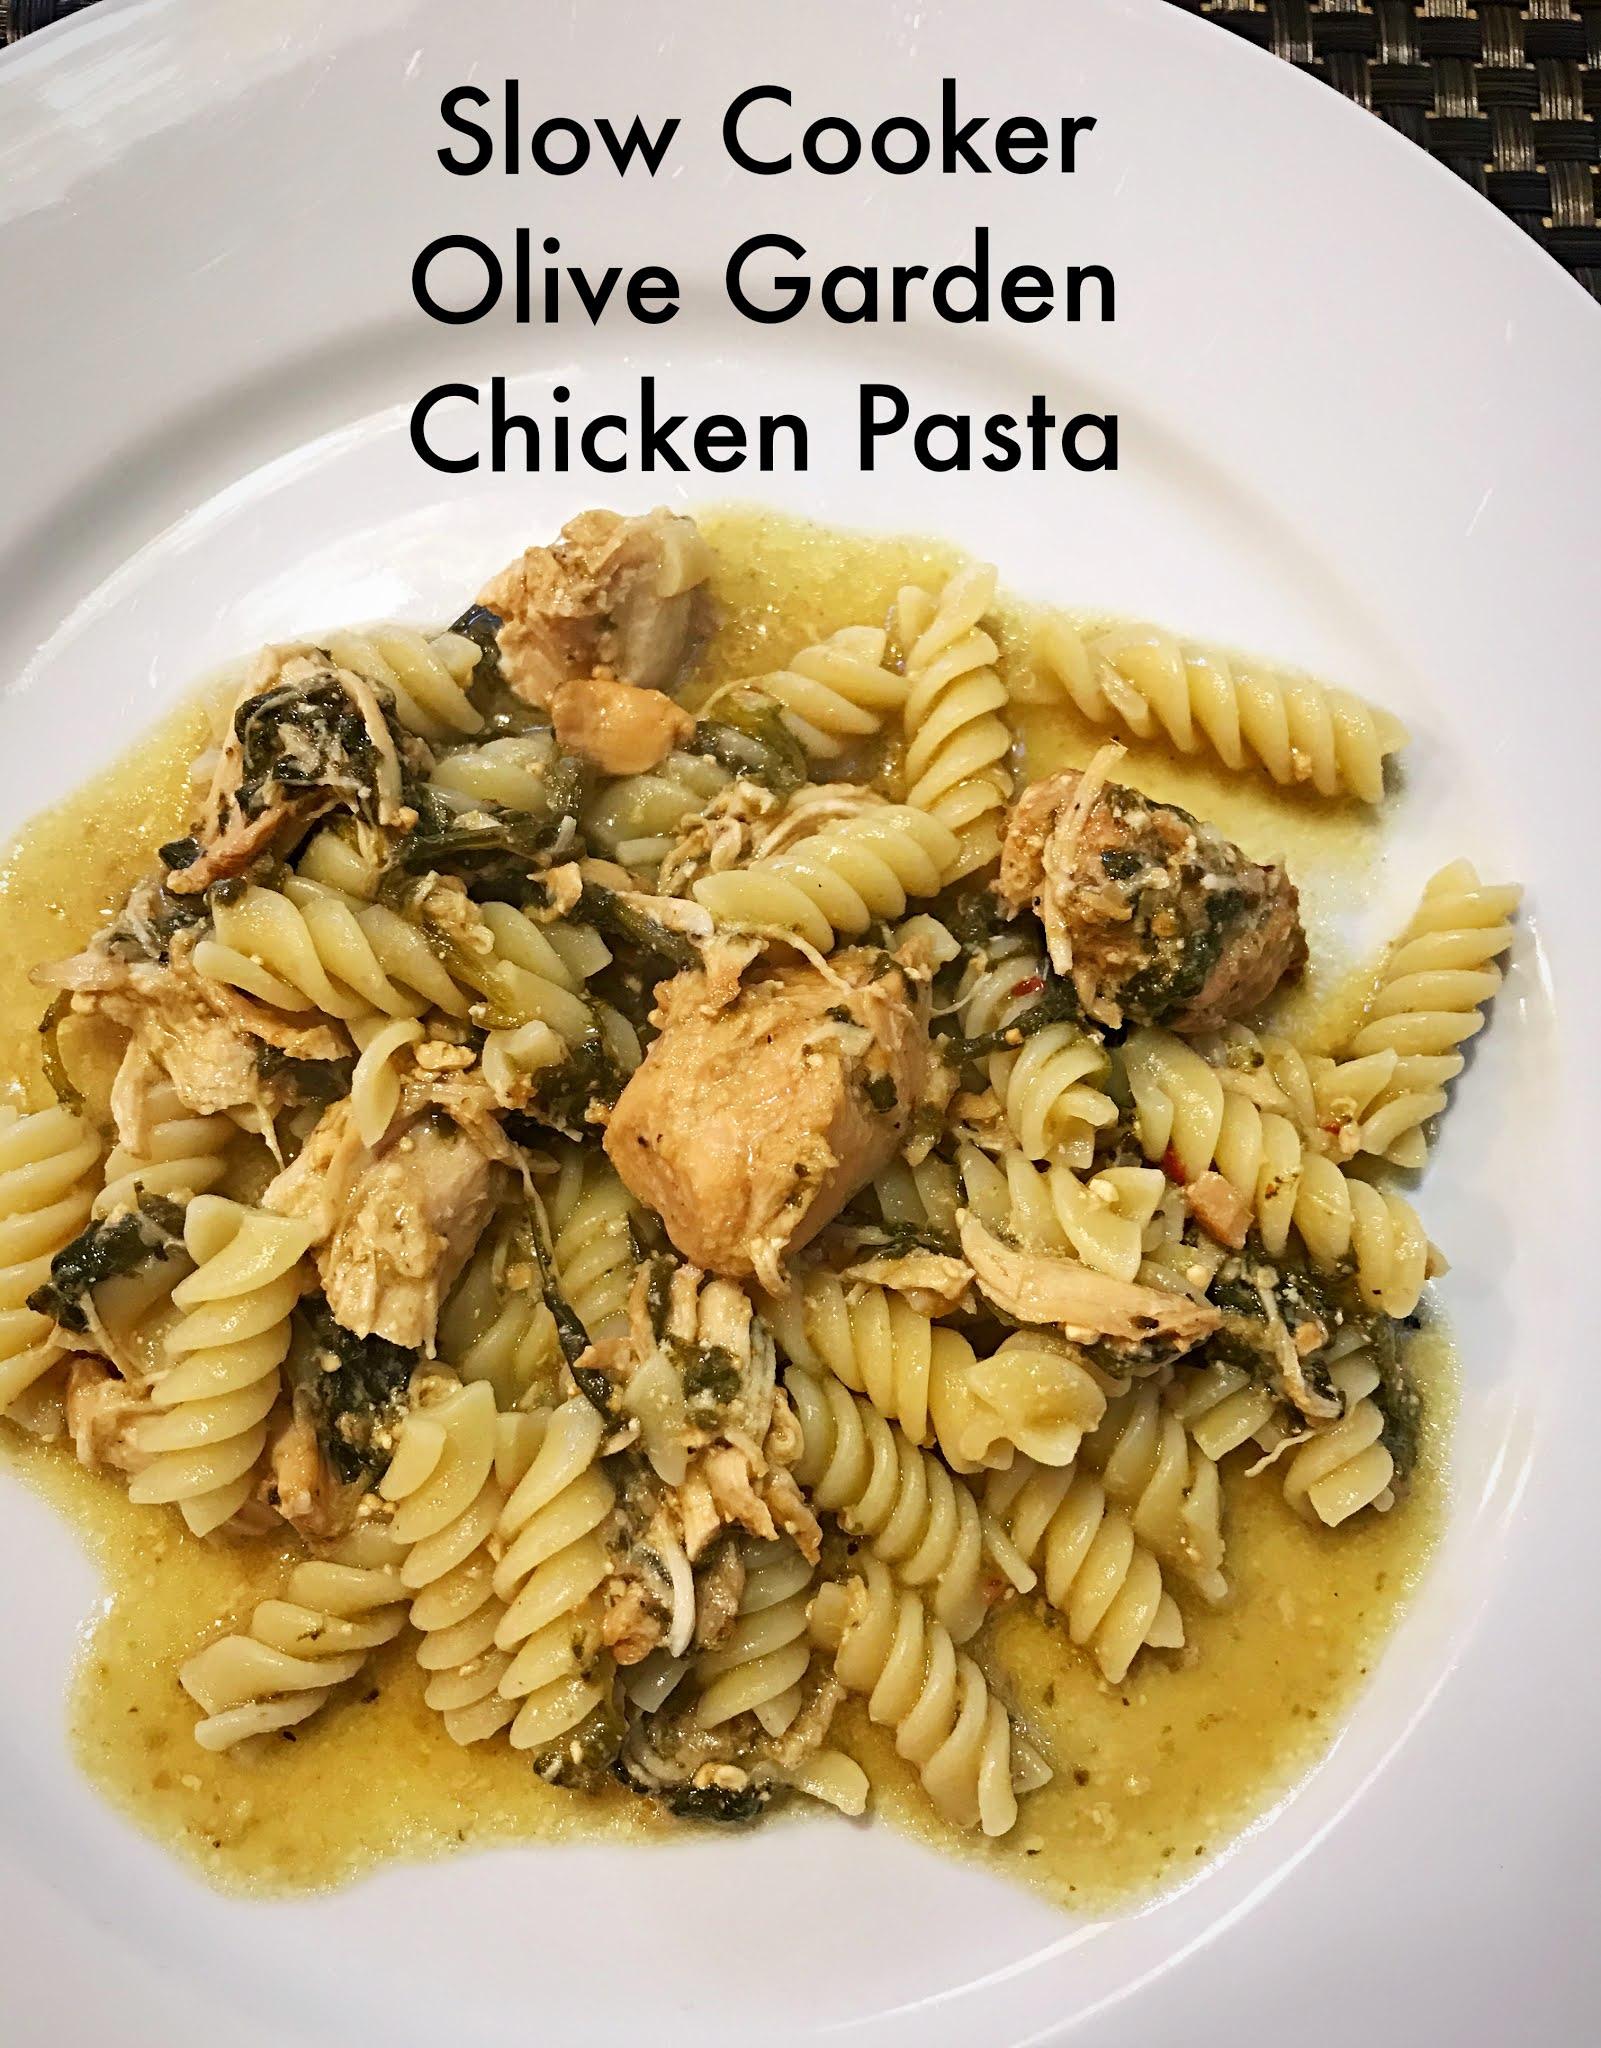 Slow Cooker Olive Garden Chicken Pasta Julie S Creative Lifestyle